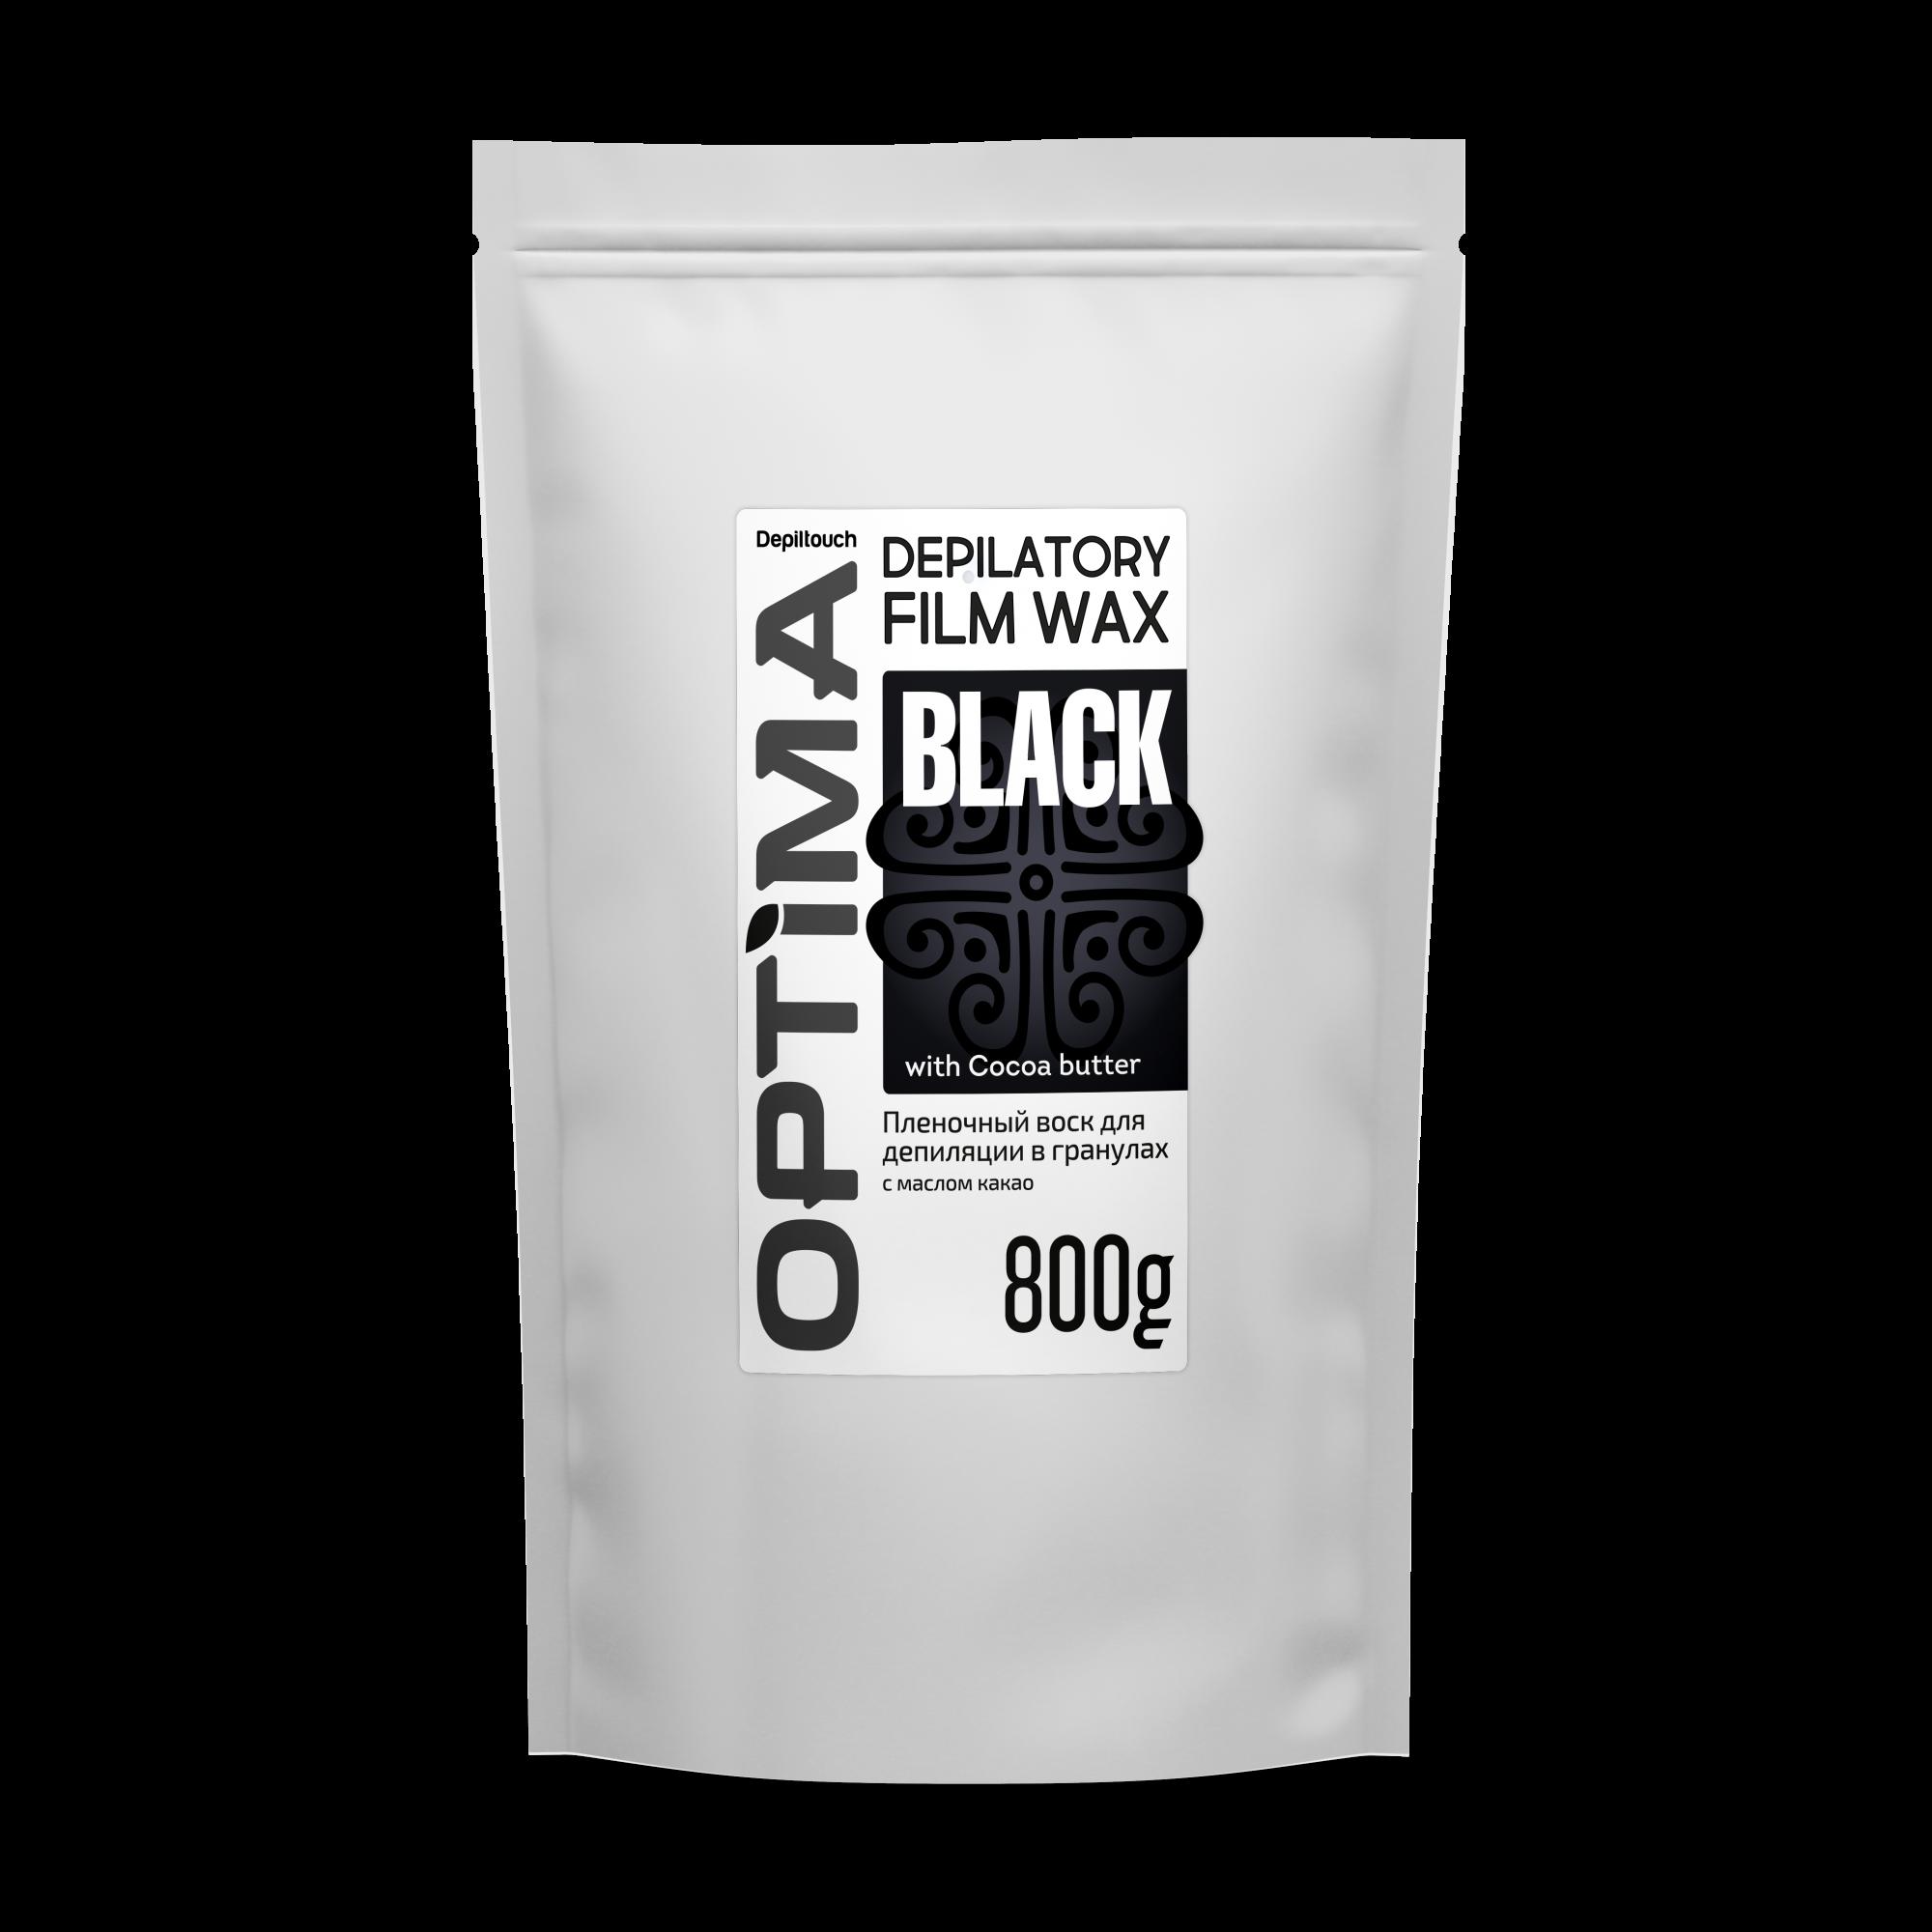 Купить Пленочный воск для депиляции в гранулах Depiltouch OPTIMA «BLACK», 800гр, Пленочный воск для депиляции в гранулах OPTIMA «BLACK»